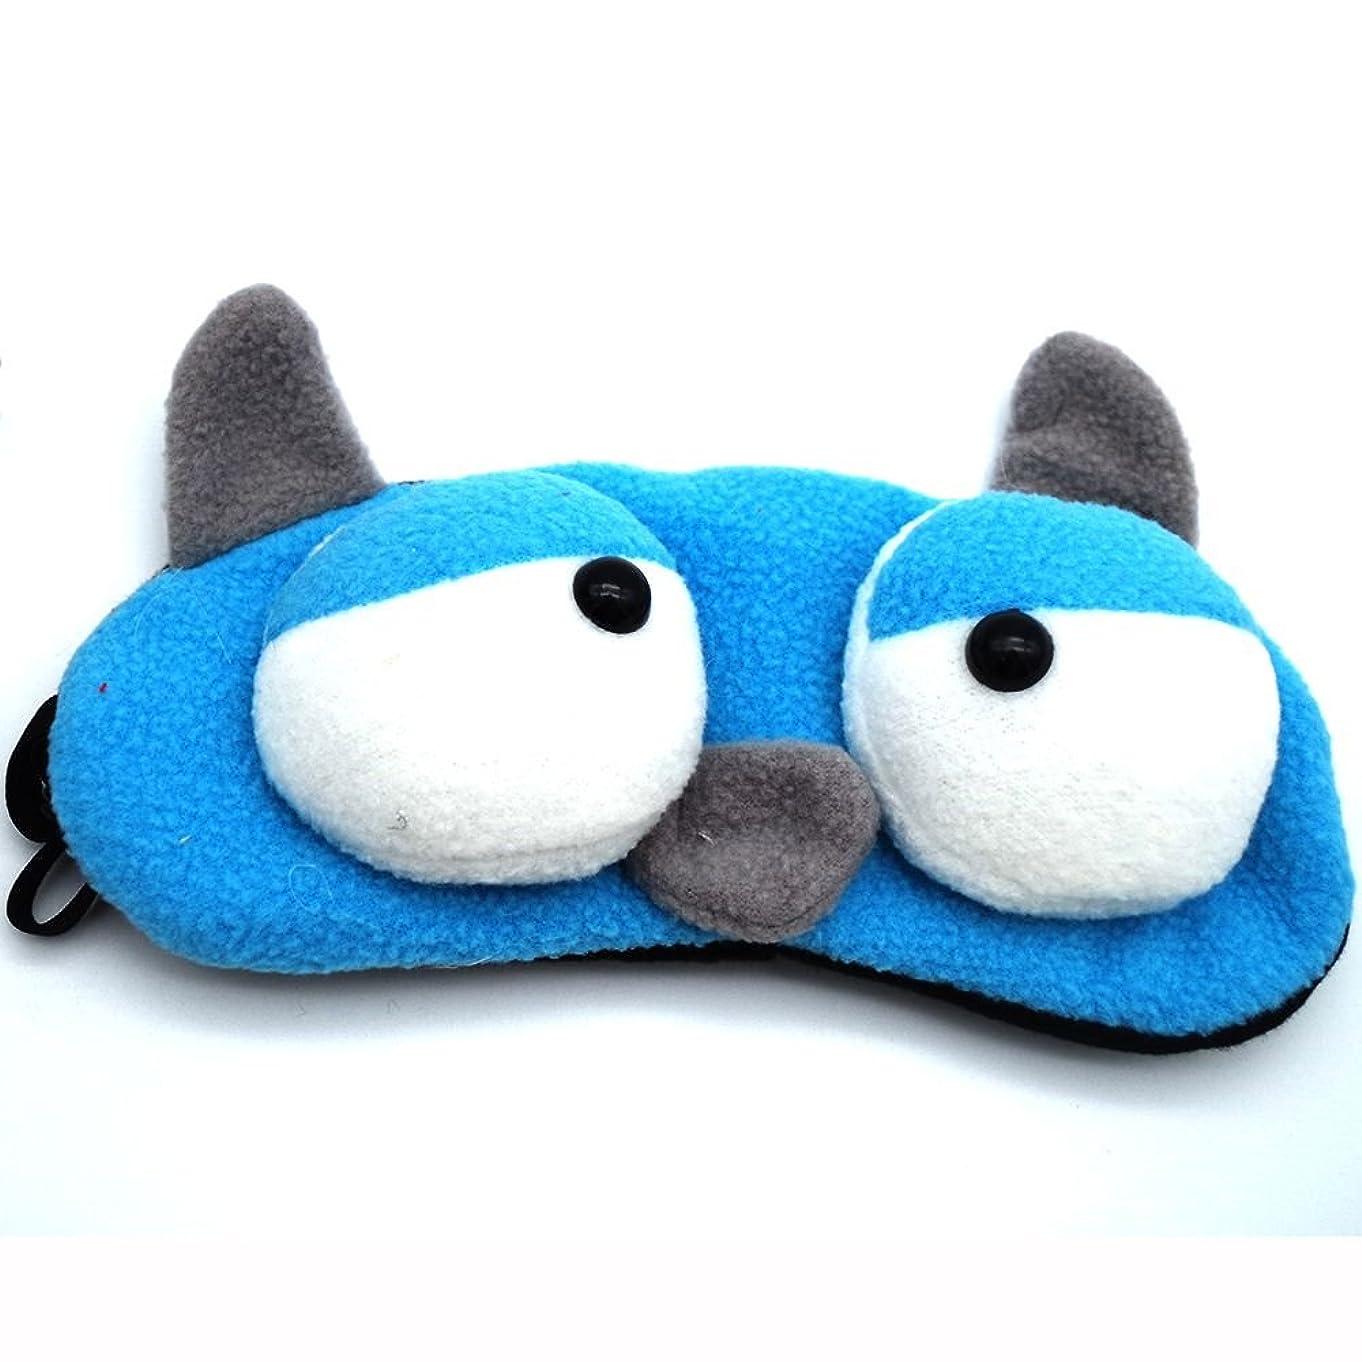 レディ油東NOTE 1ピースかわいい動物睡眠アイマスクパッド入りシェードカバーフランネル睡眠マスク休息旅行リラックス睡眠補助目隠しカバーアイパット